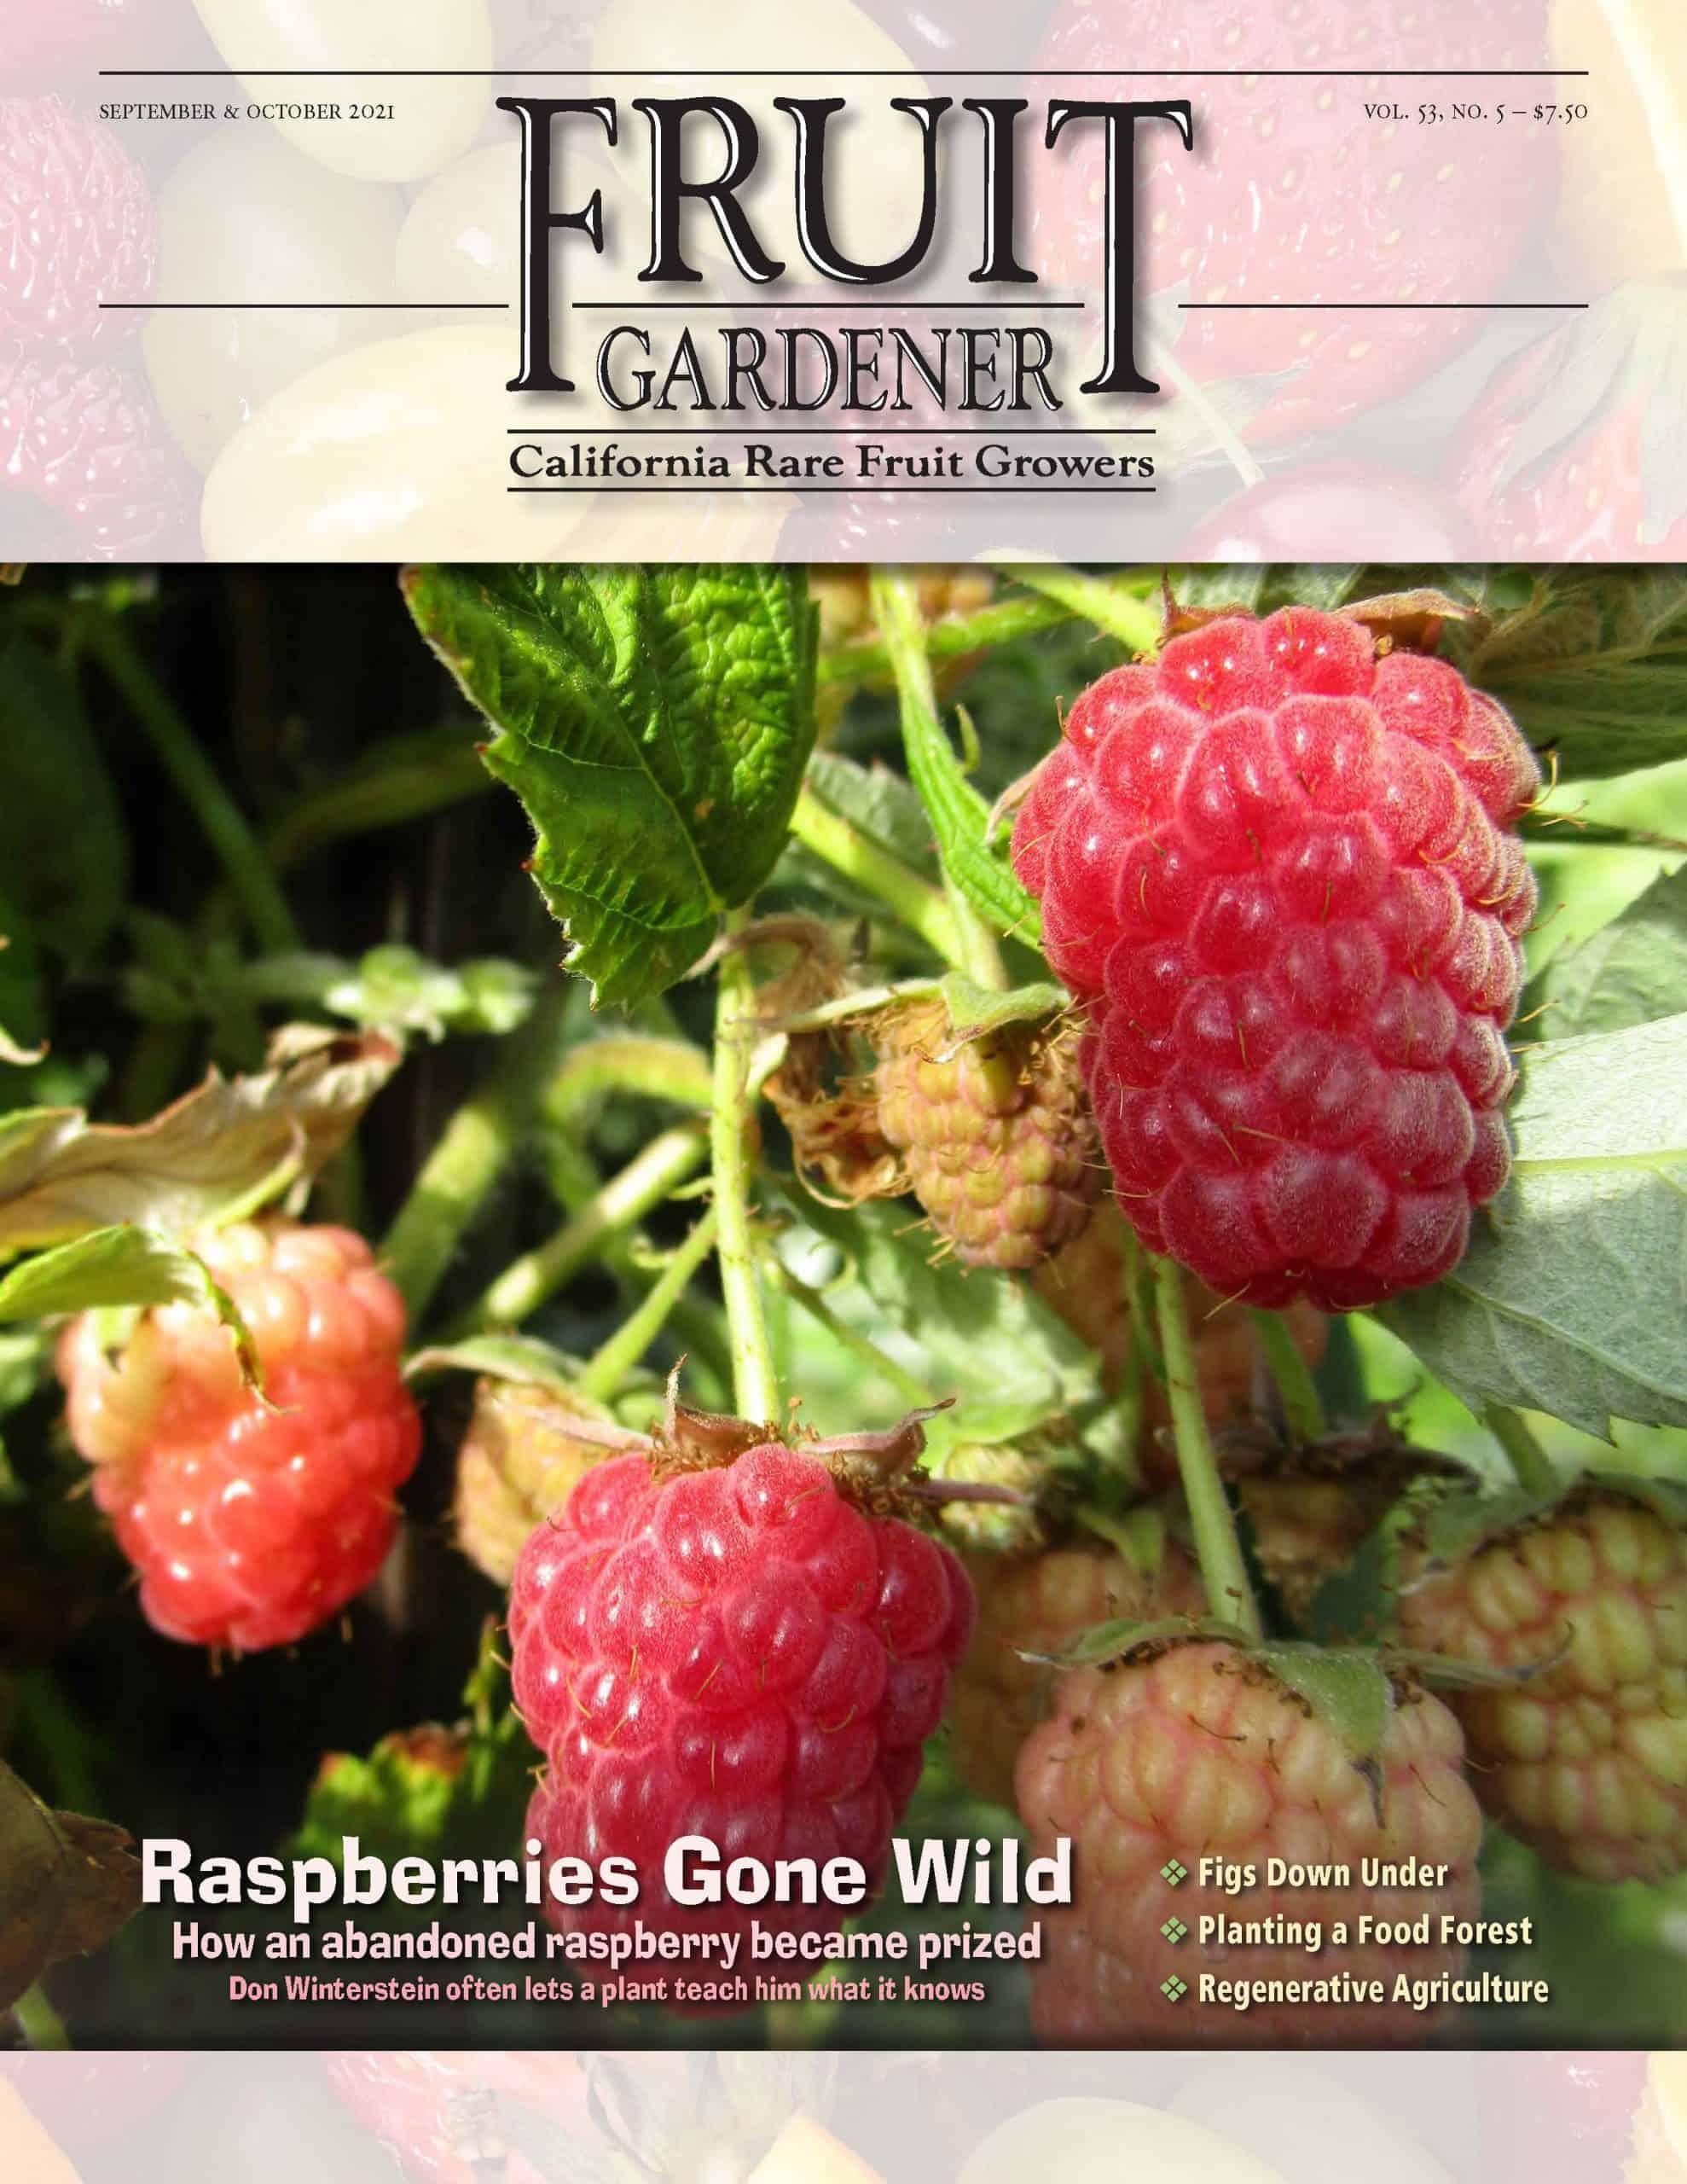 The Fruit Gardener